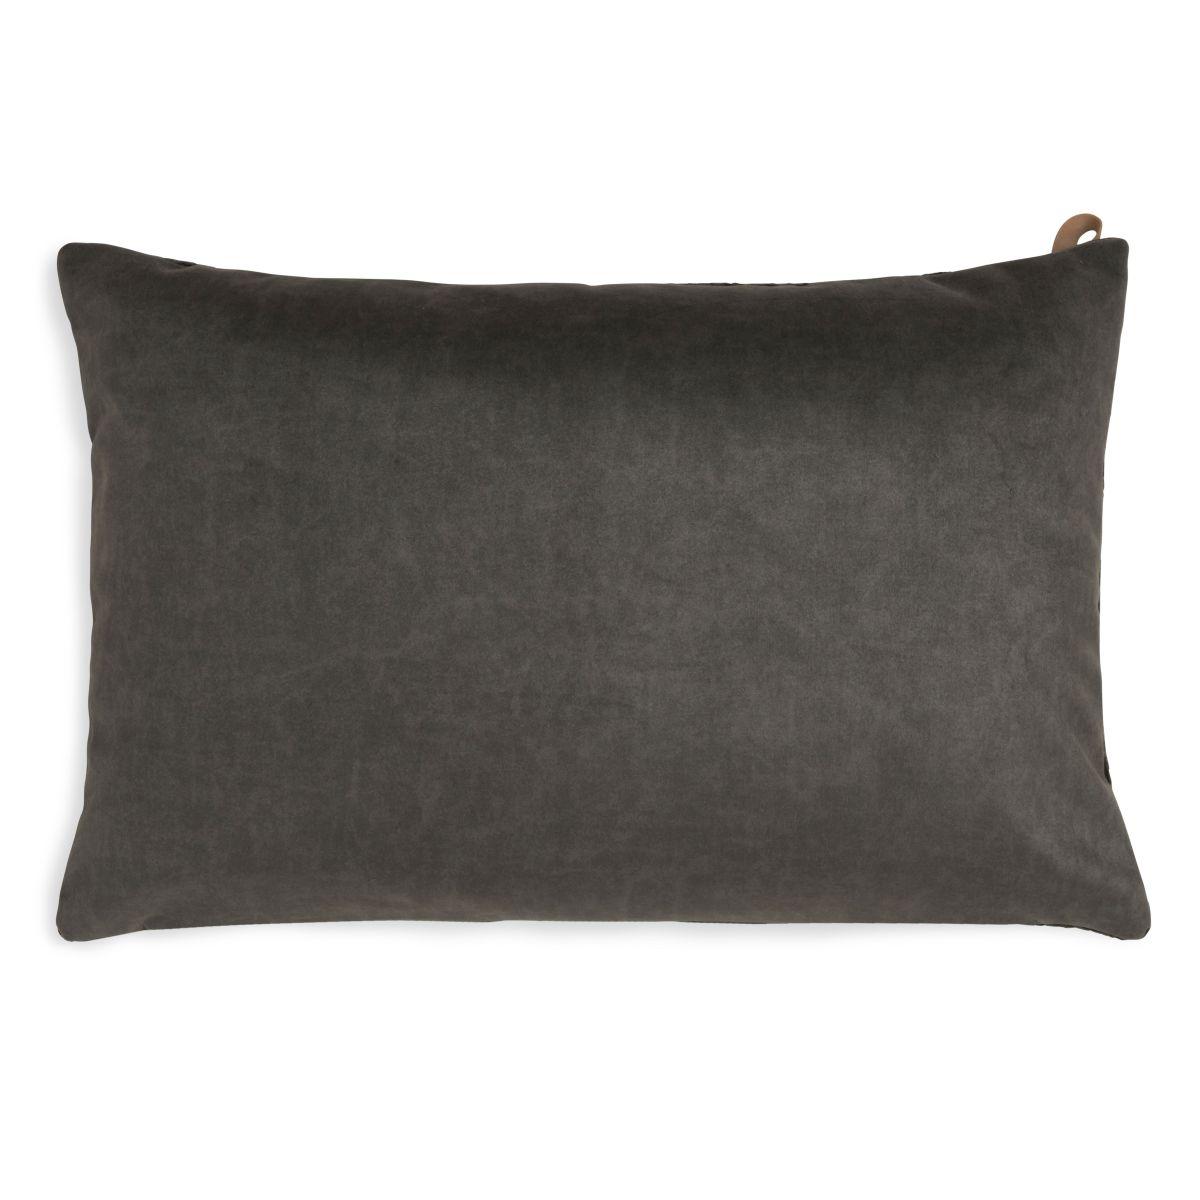 beau cushion dark brown 60x40